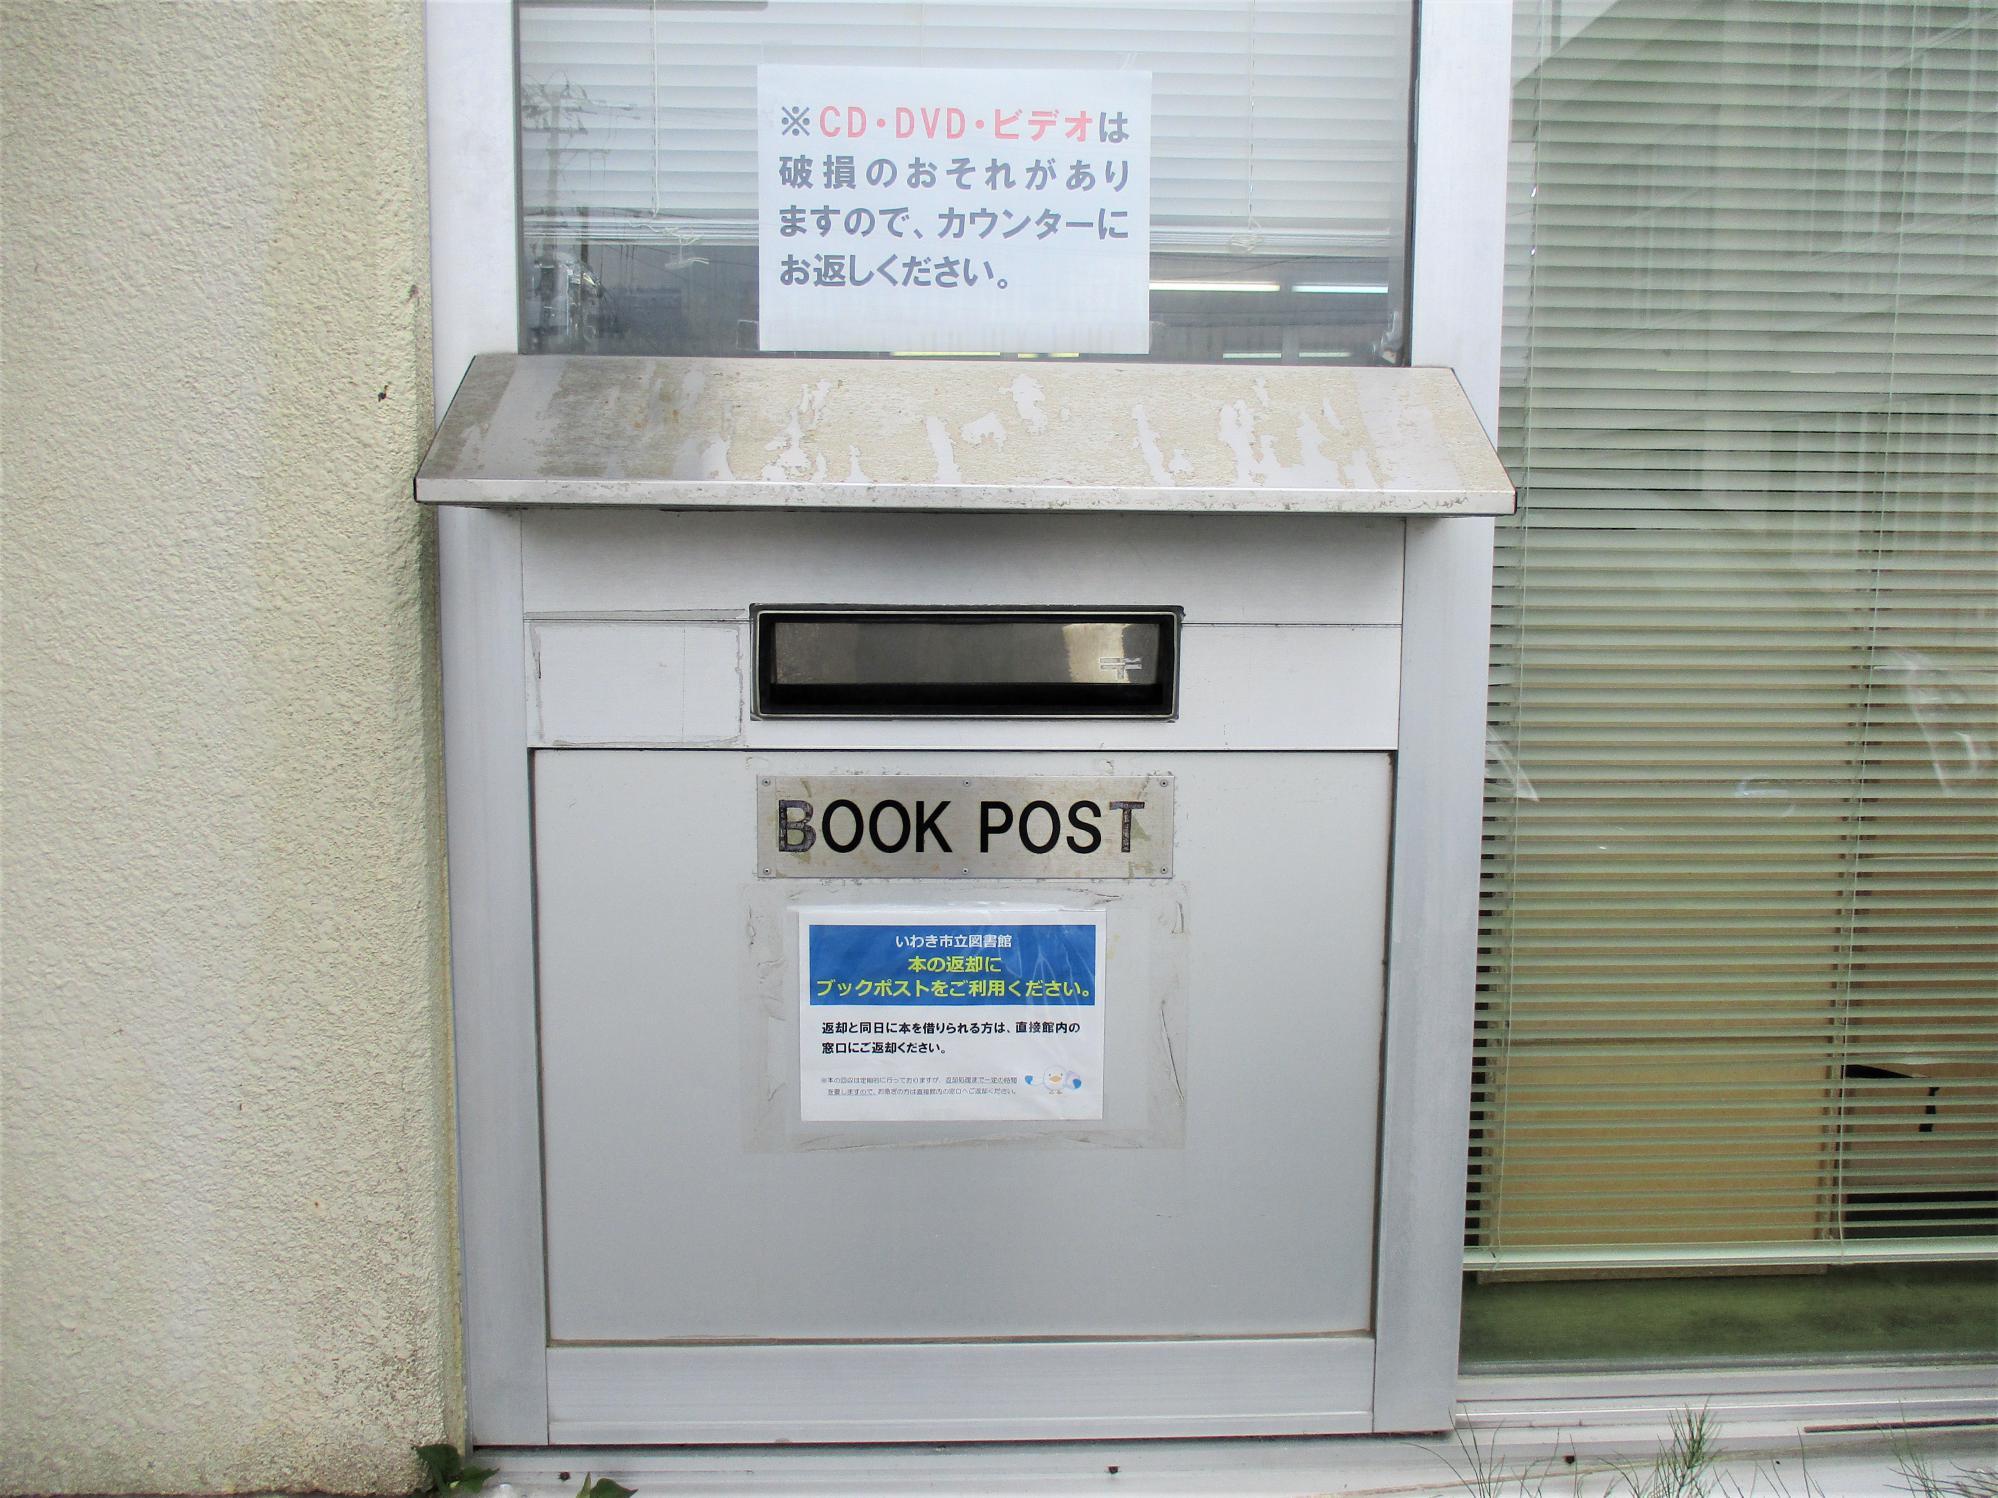 四倉図書館入り口ブックポストの写真